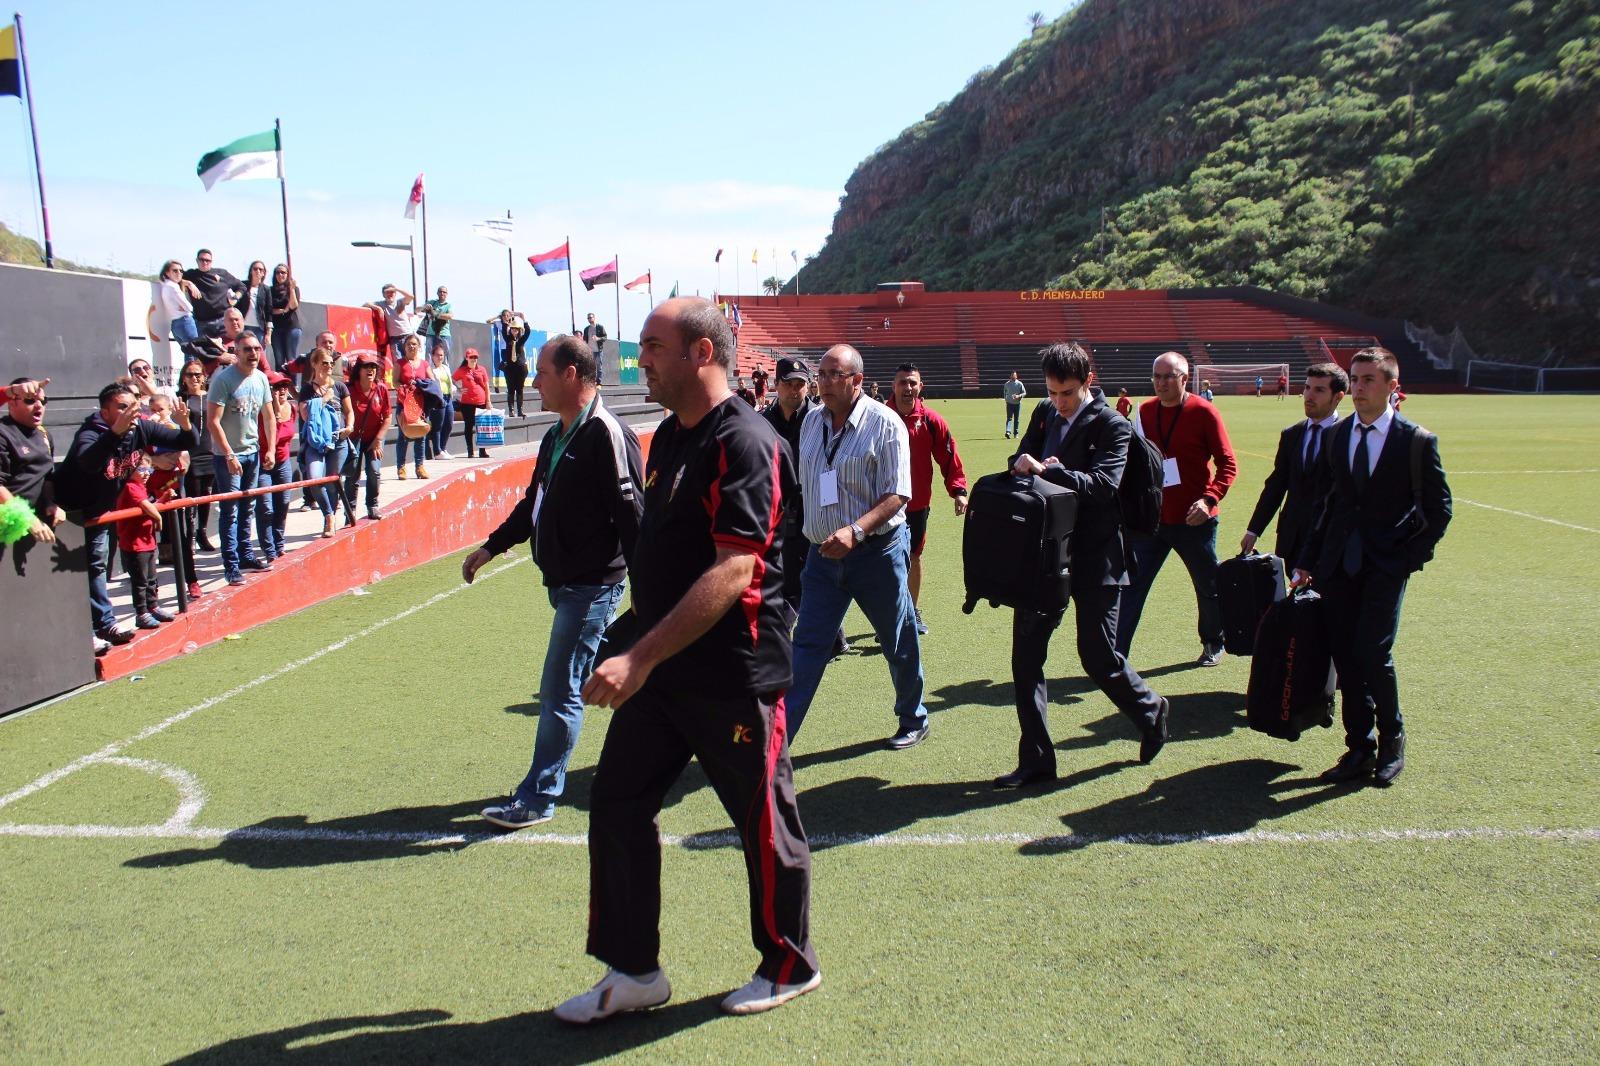 Momento que los colegiados salen del recinto del Barranco de los Dolores. /cd mensajero